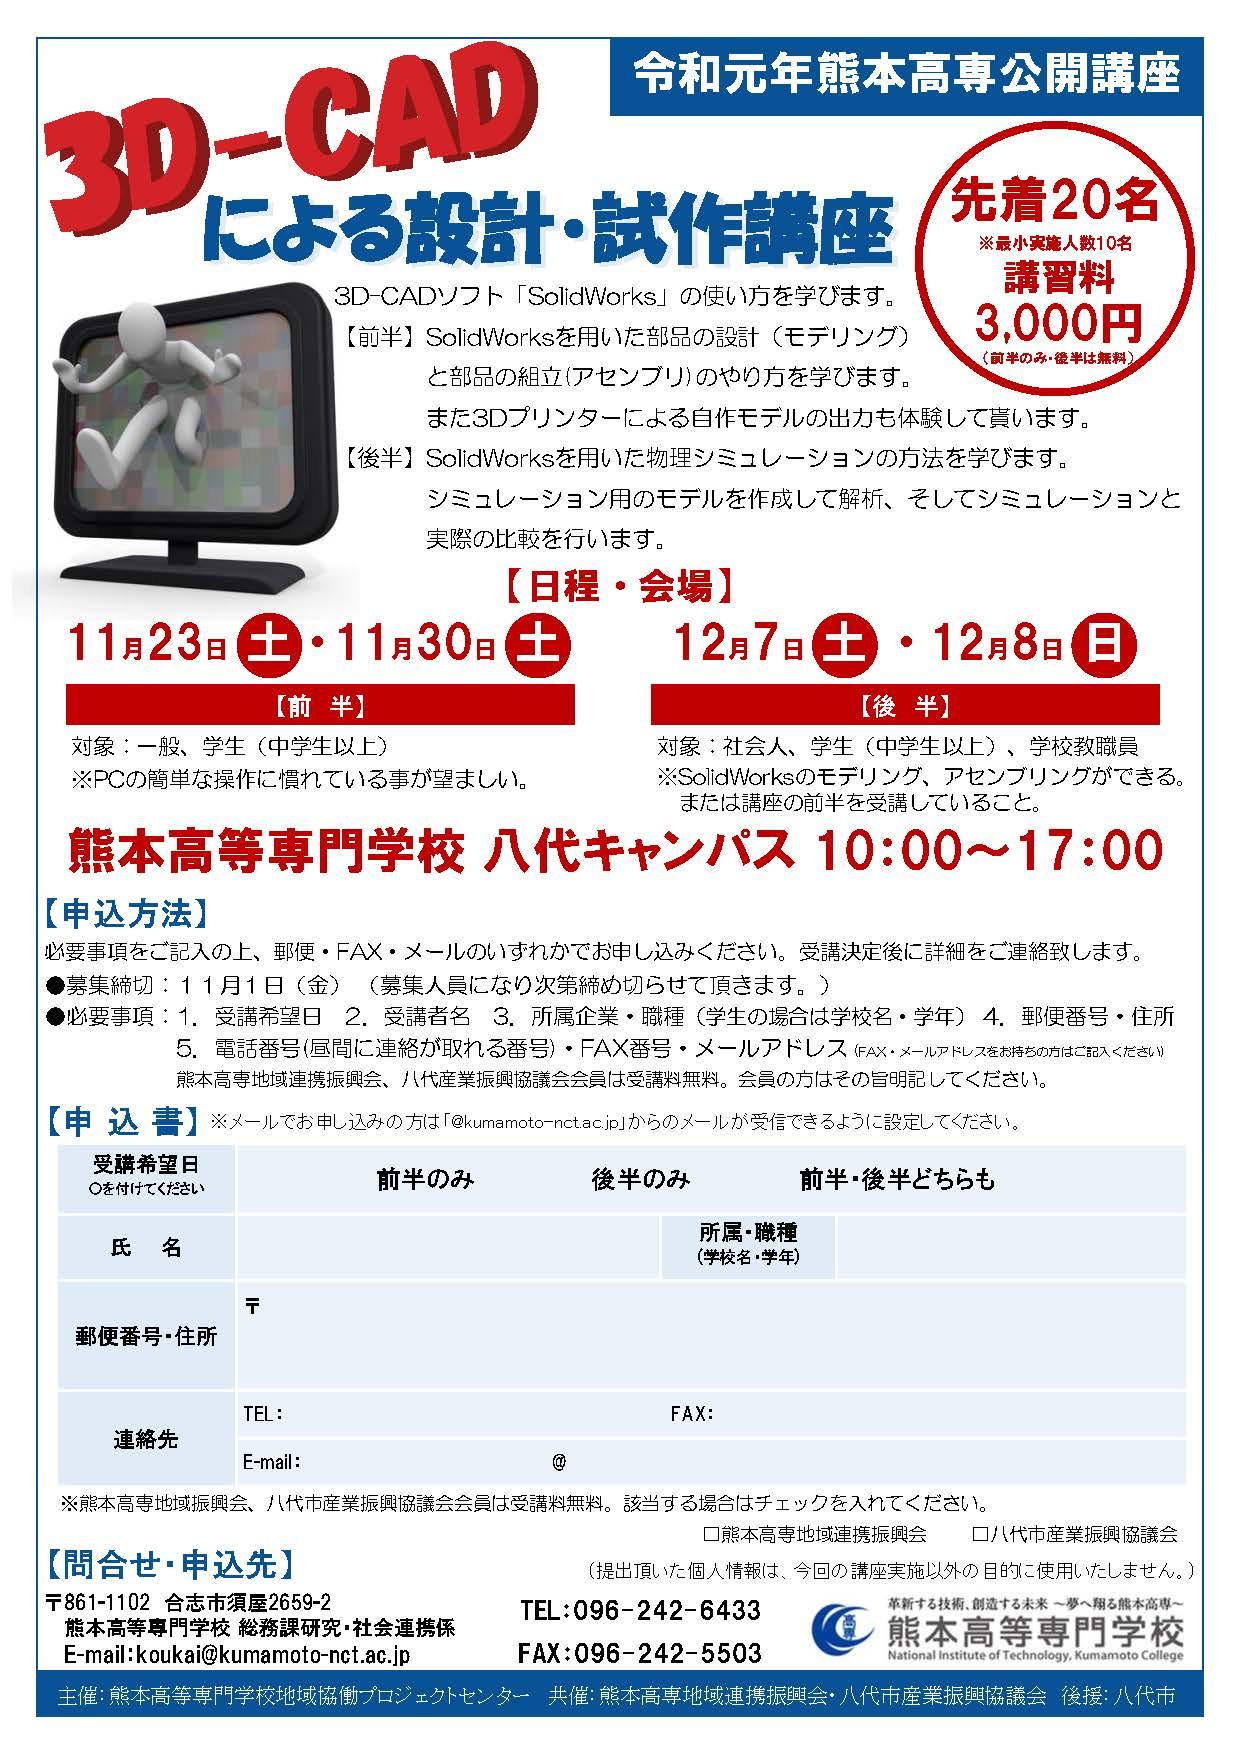 チラシ_3D-CADによる設計・試作講座_熊本高専